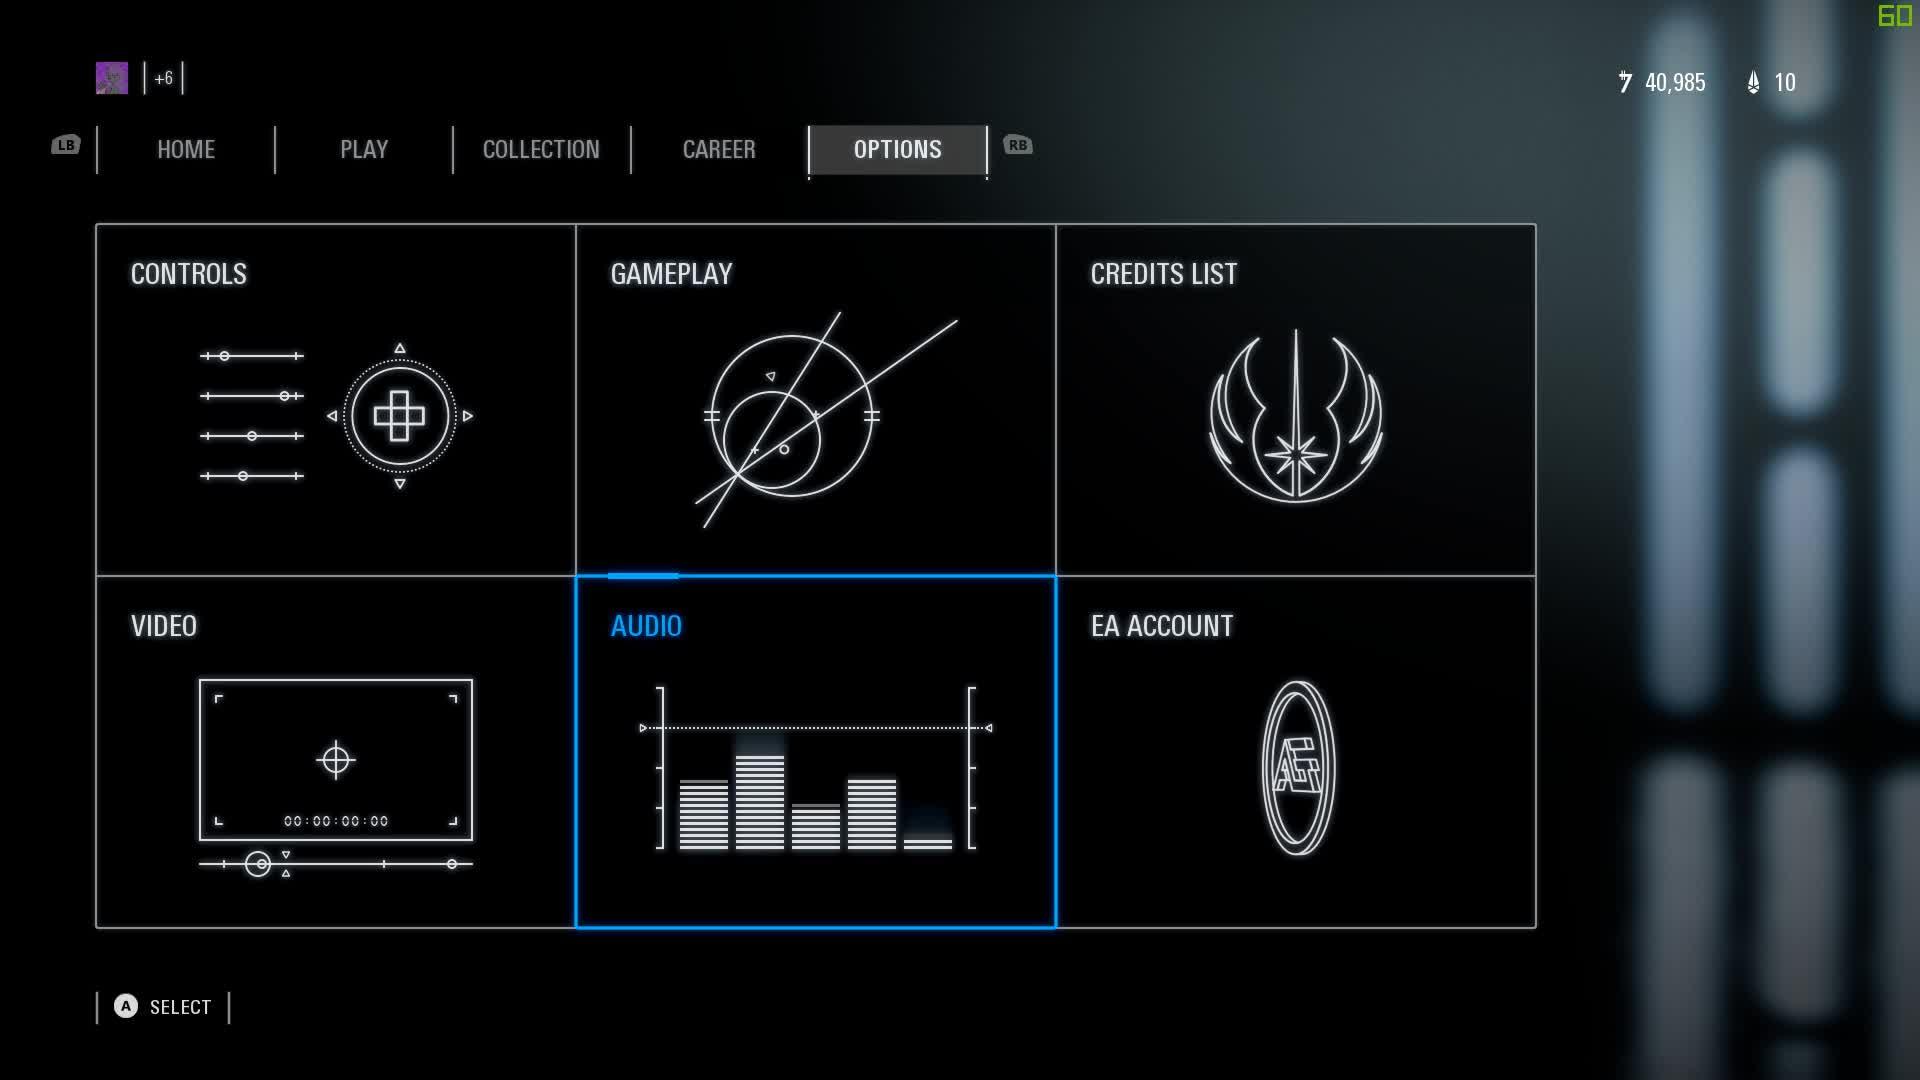 starwarsbattlefront, Star Wars Battlefront II (2017) 2018.07.11 - 18.27.23.02 GIFs